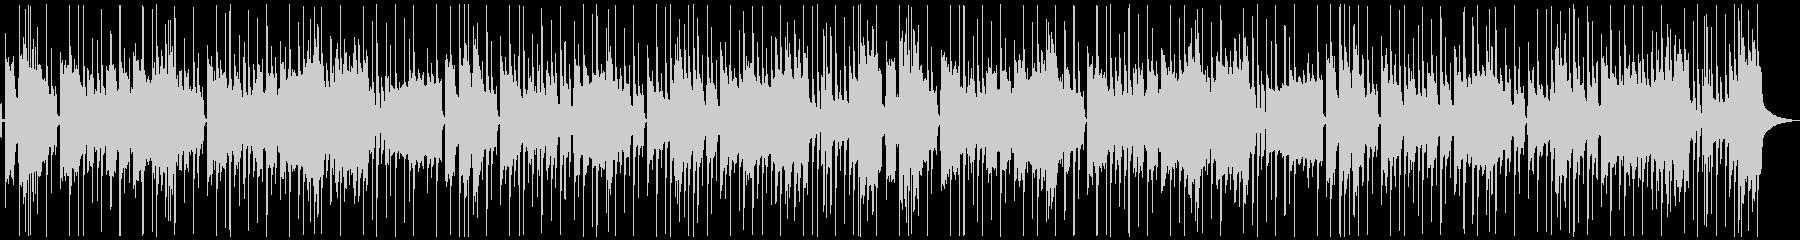 ノリノリ・ファンキー(メロあり)2ループの未再生の波形